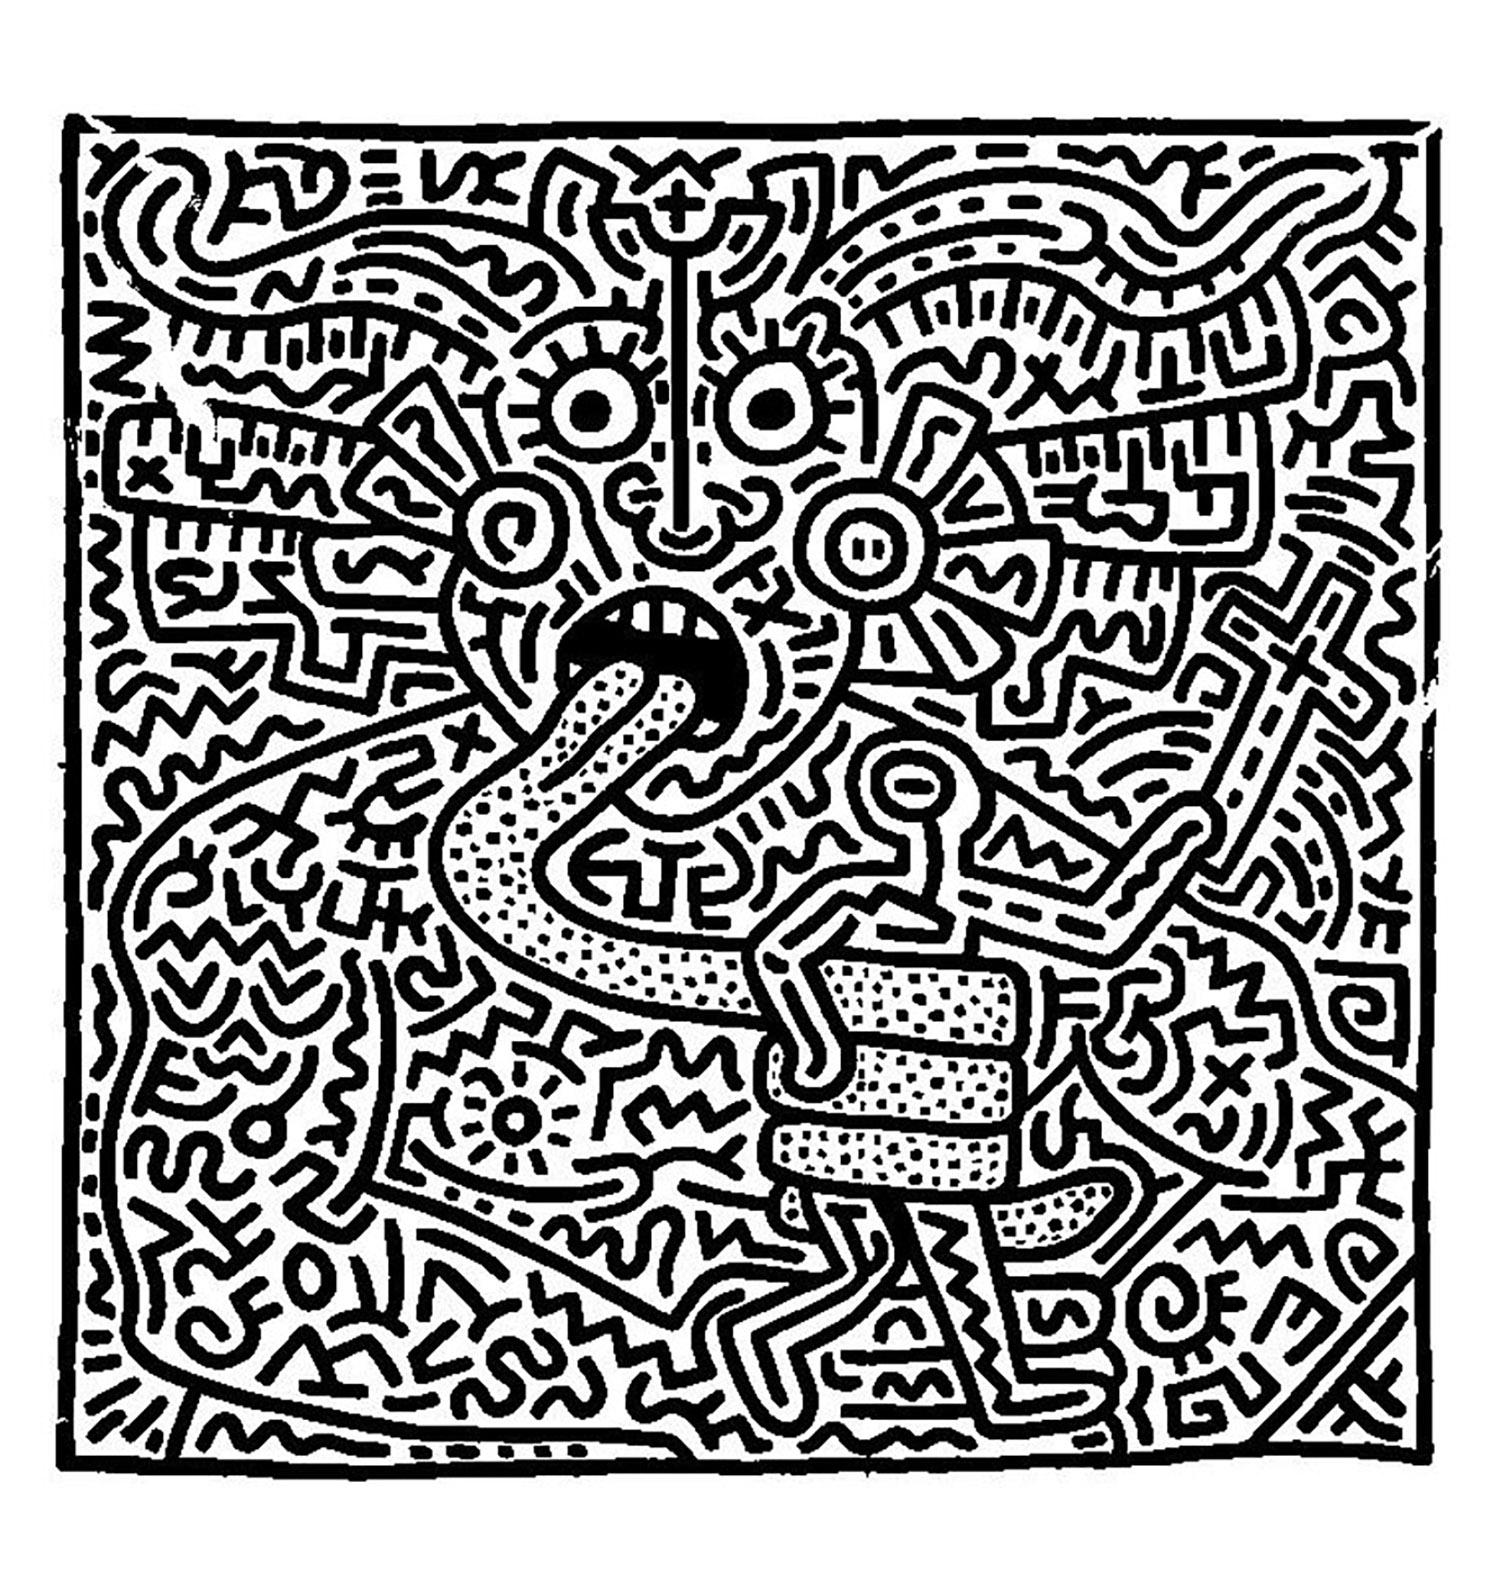 Coloriage créé à partir d'une oeuvre de Keith Haring. Étrange ...